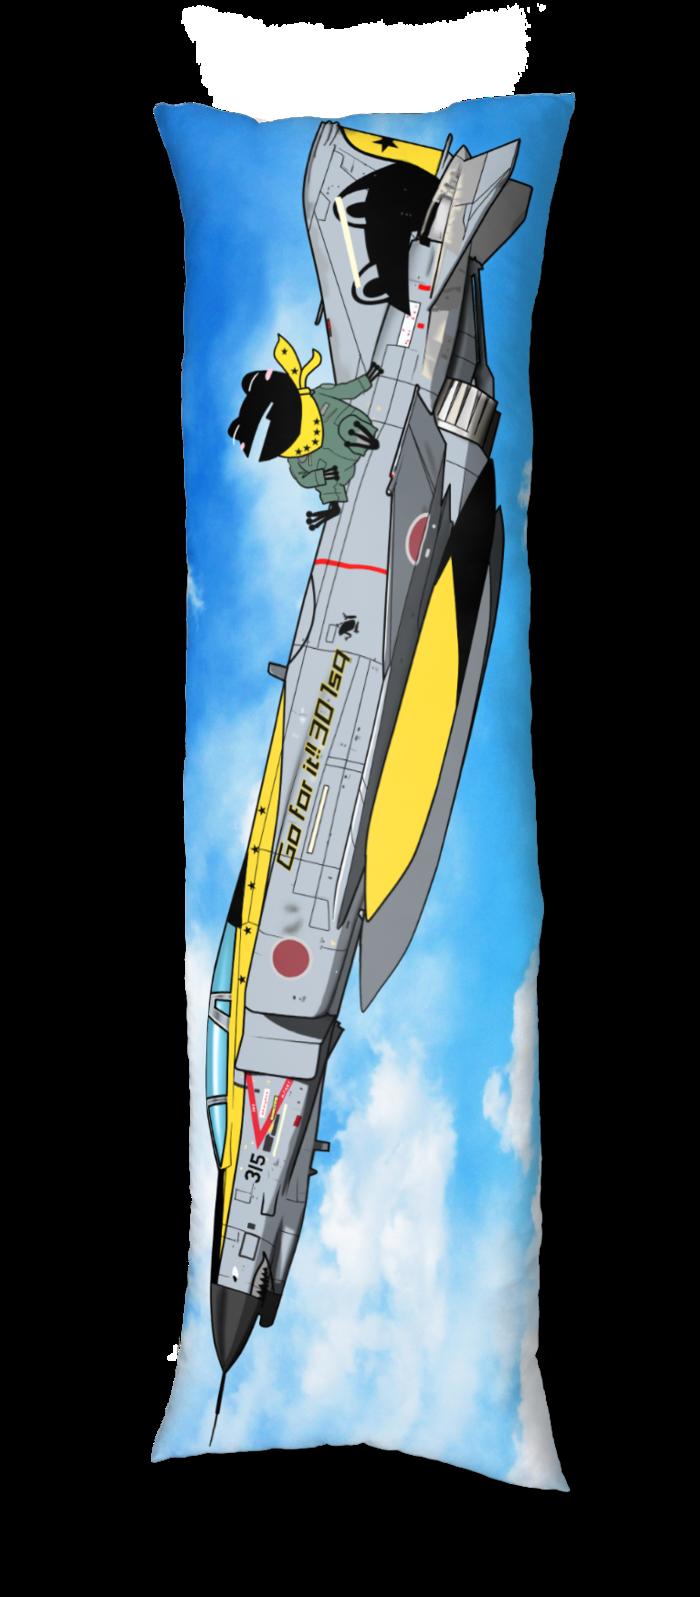 抱き枕カバー - 500x1600(mm)